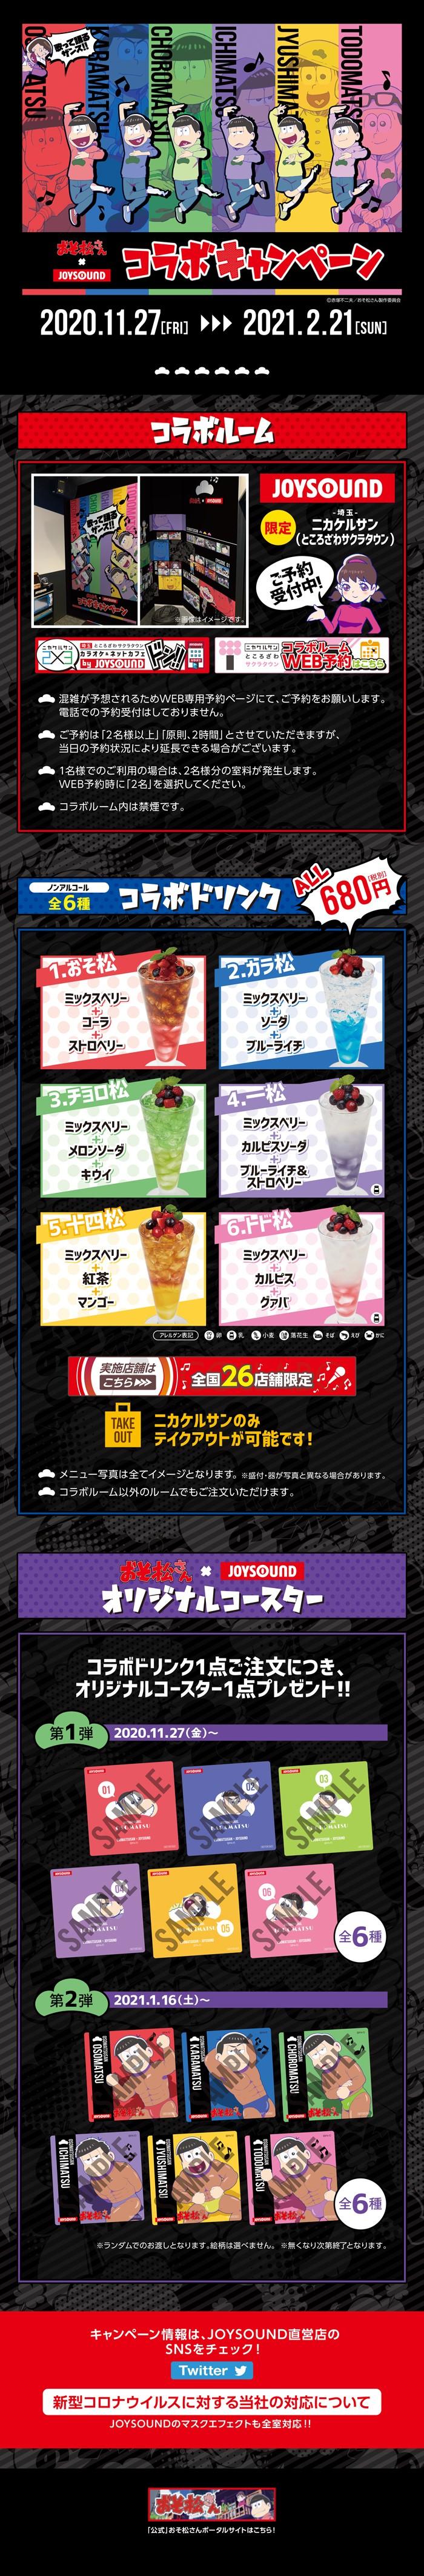 おそ松さん×JOYSOUND直営店コラボキャンペーン2020